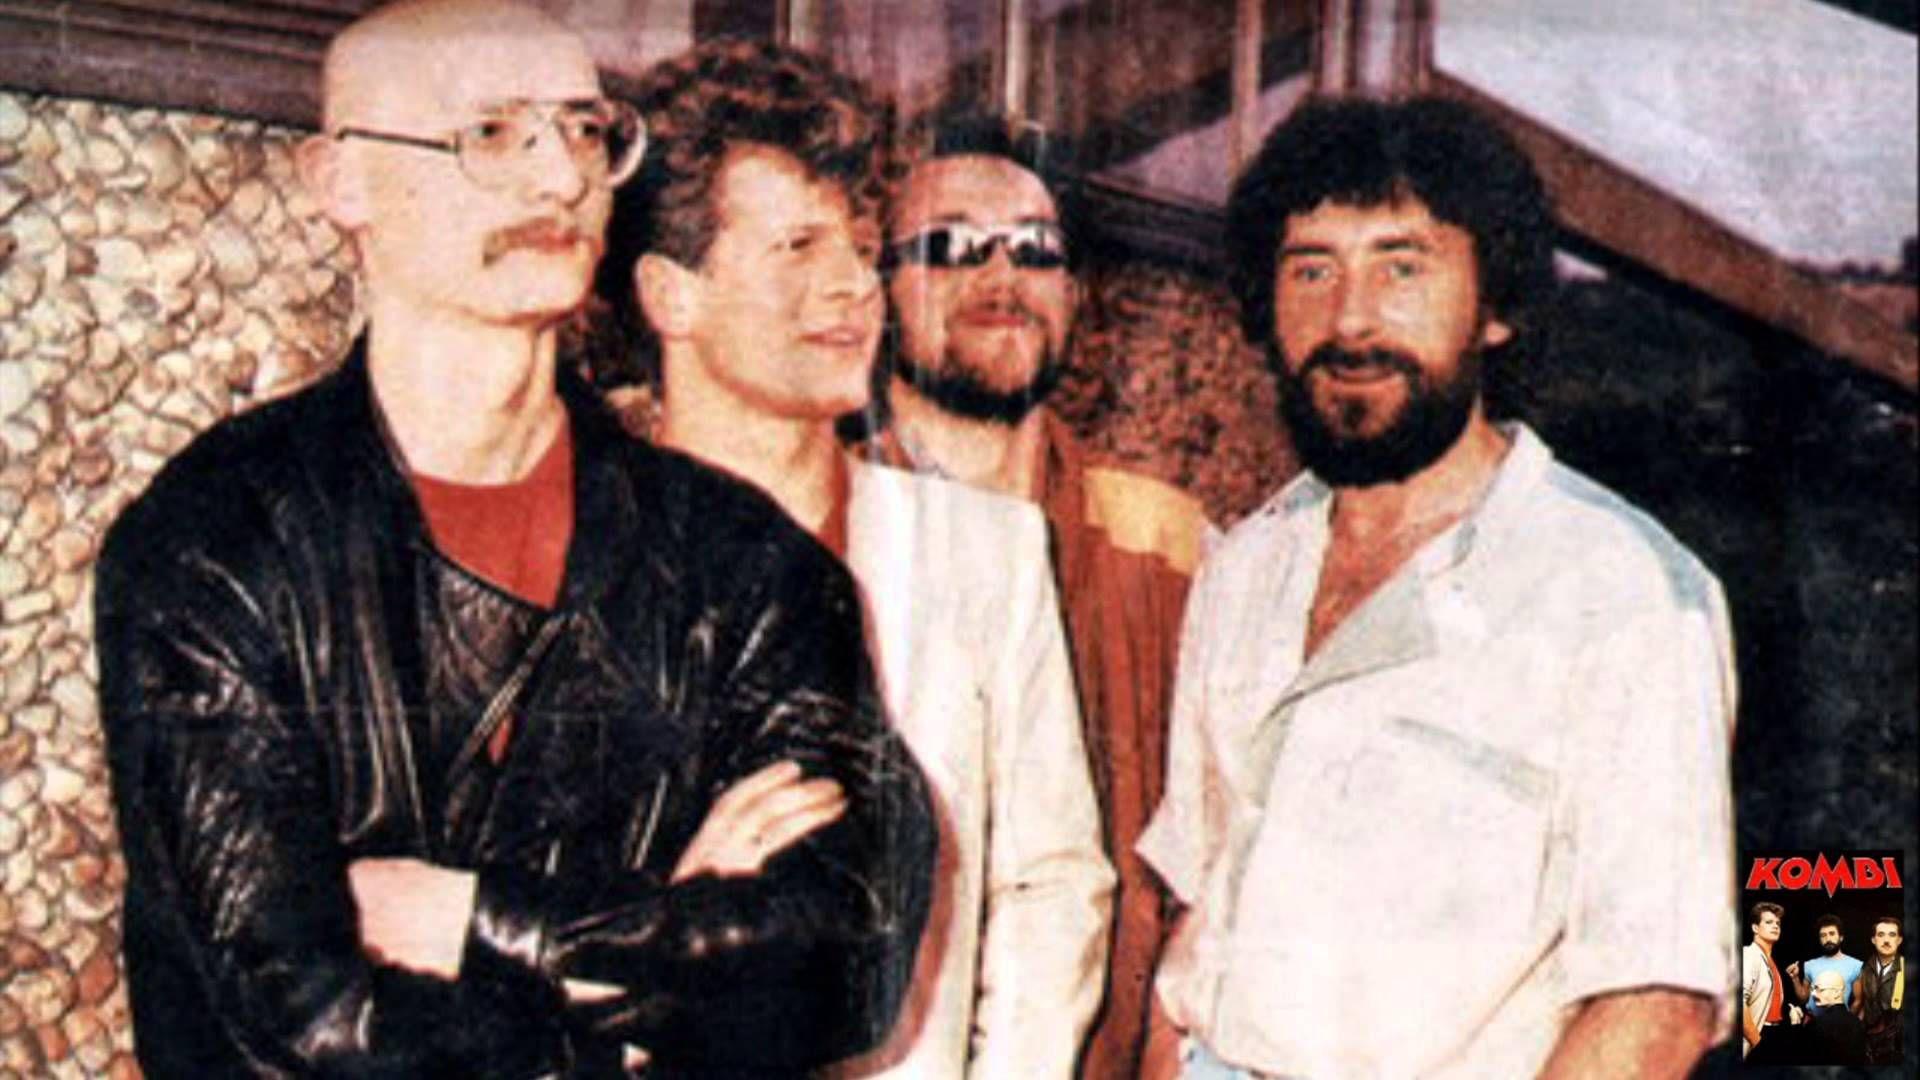 Kombi Nasze Randez Vous 1985